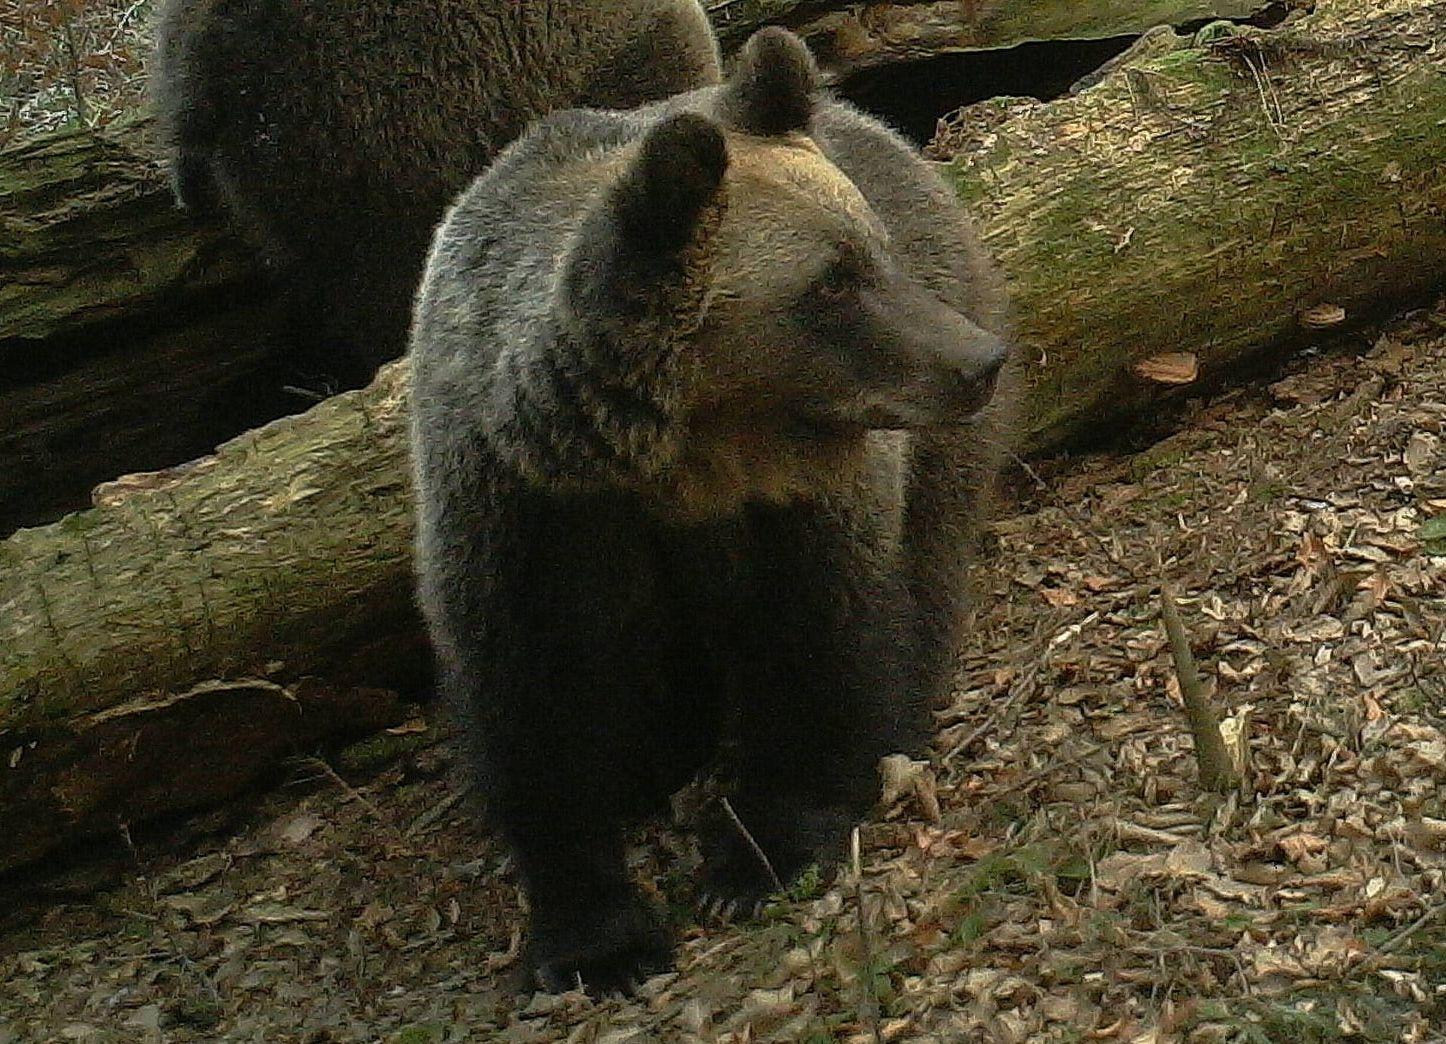 Niedźwiedź maszeruje tą samą ścieżką co turyści - Zdjęcie główne